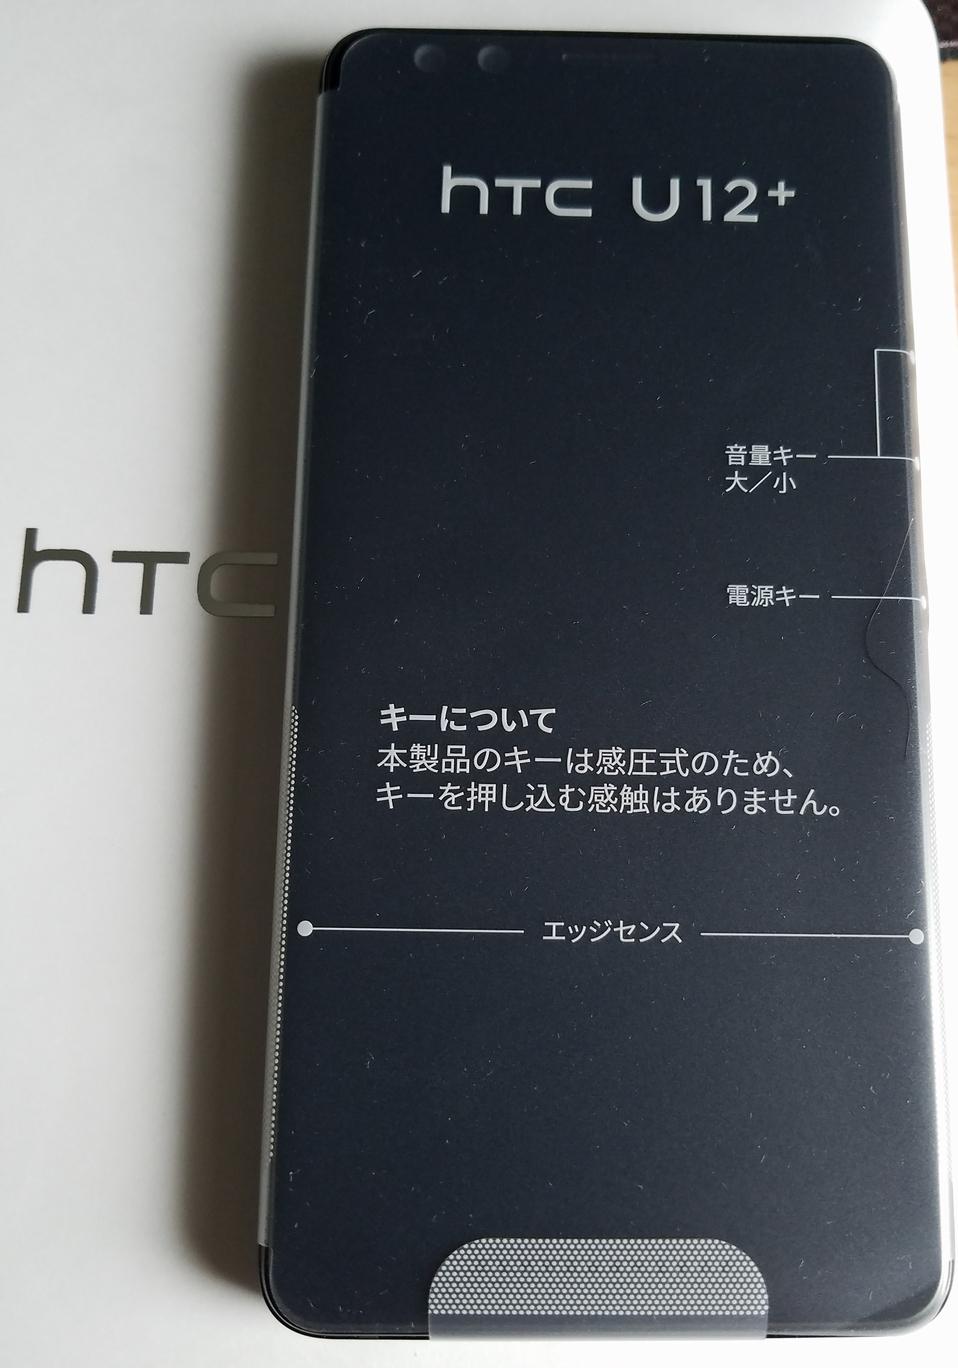 HTCU12+FX購入